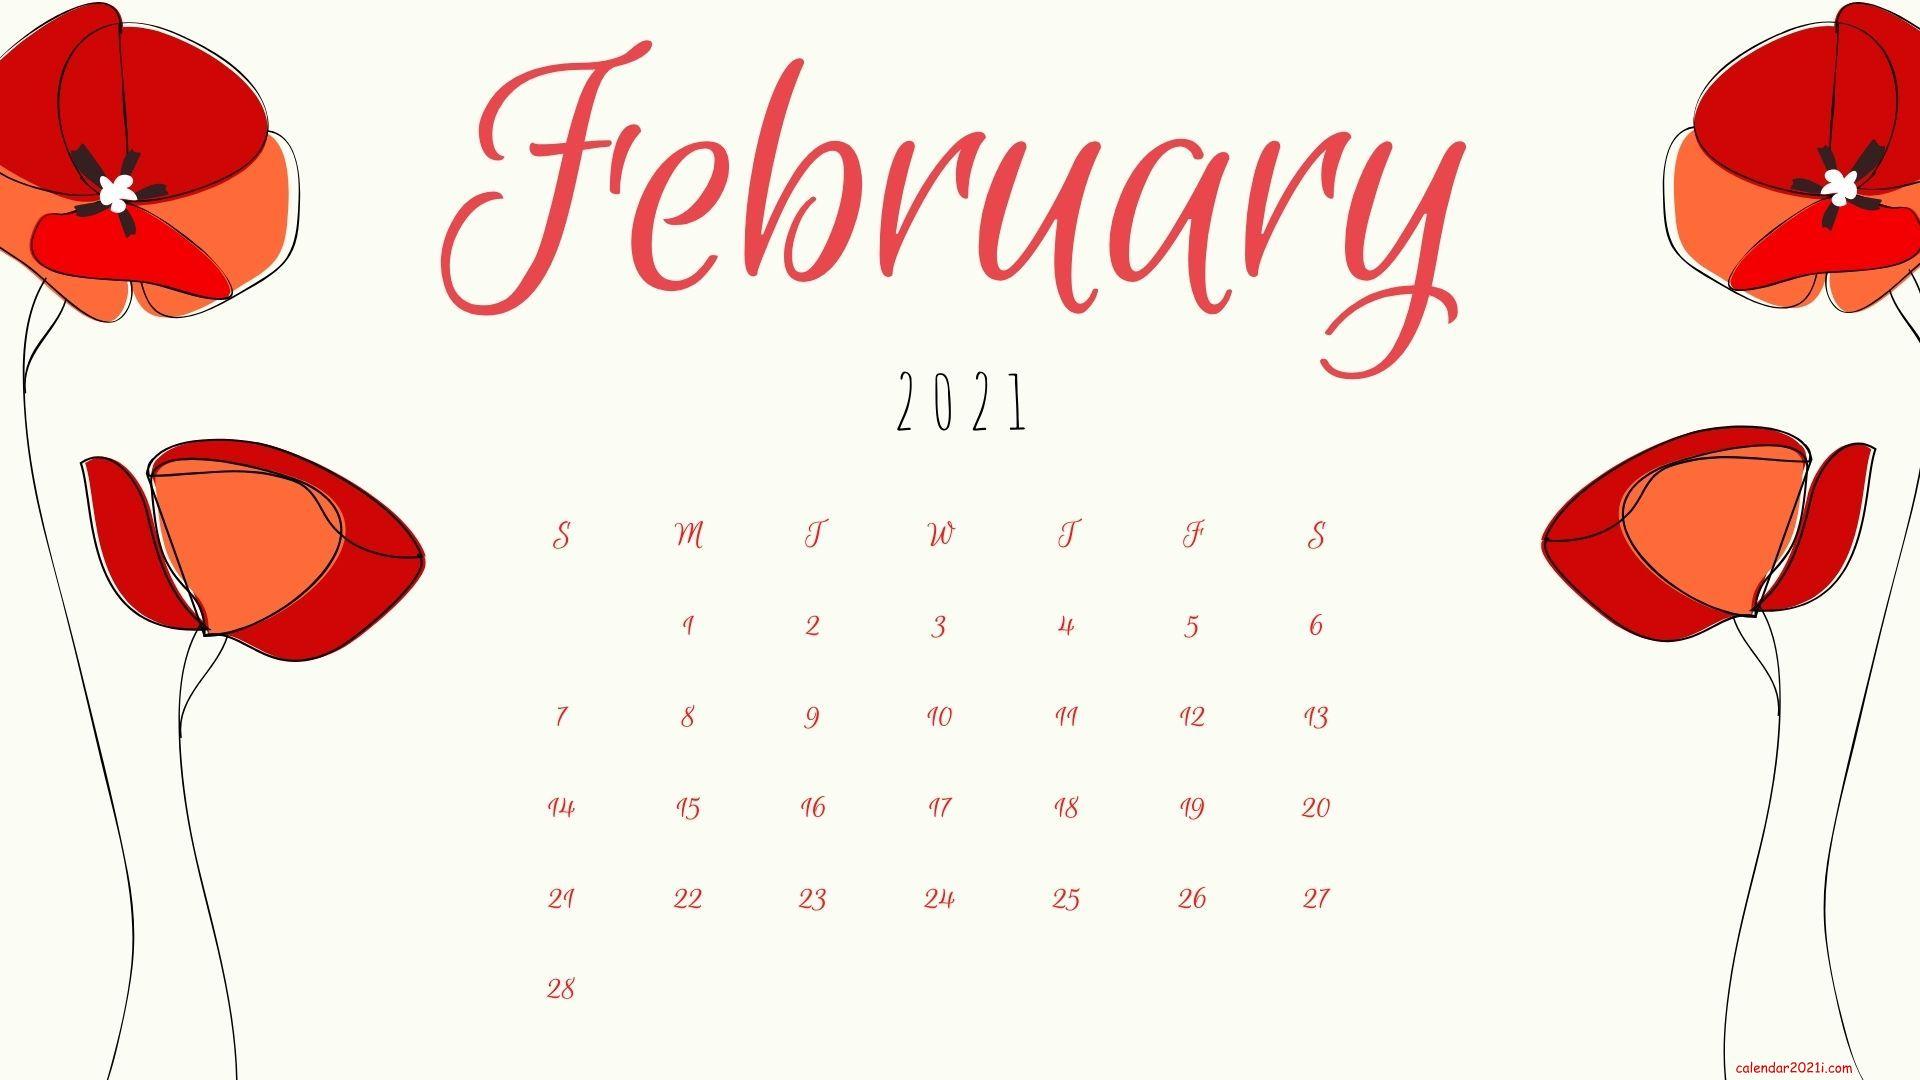 February 2021 Calendar Wallpapers Download Calendar 2021 1920x1080